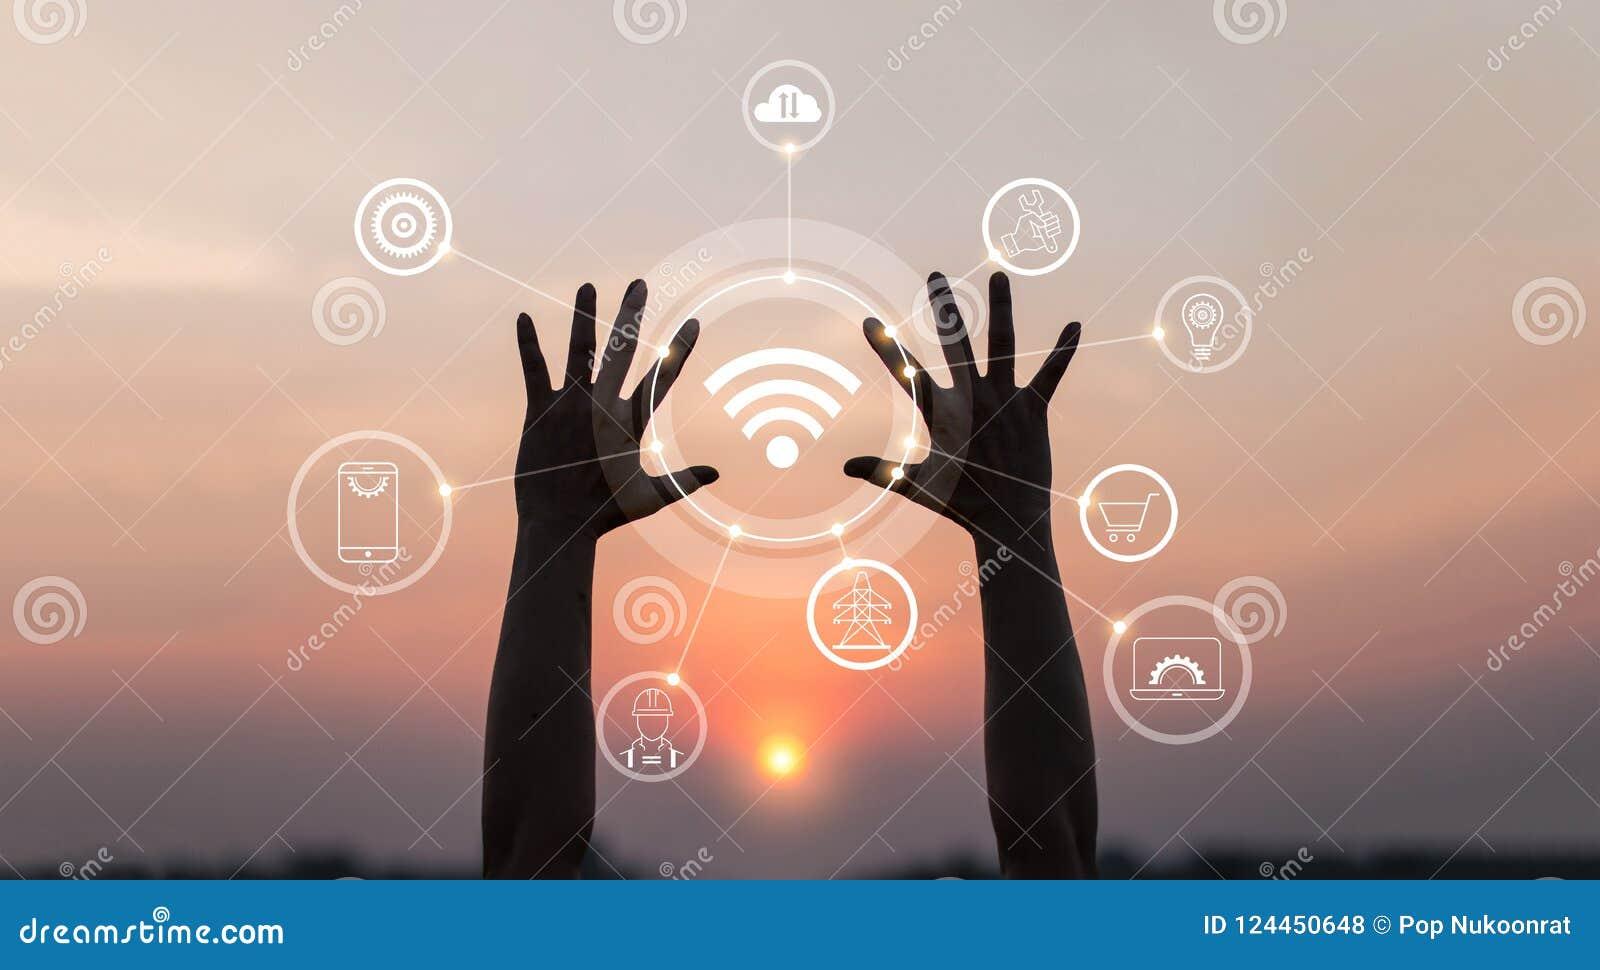 Handen met innovatief pictogram en ontwikkeling van telecommunicatie